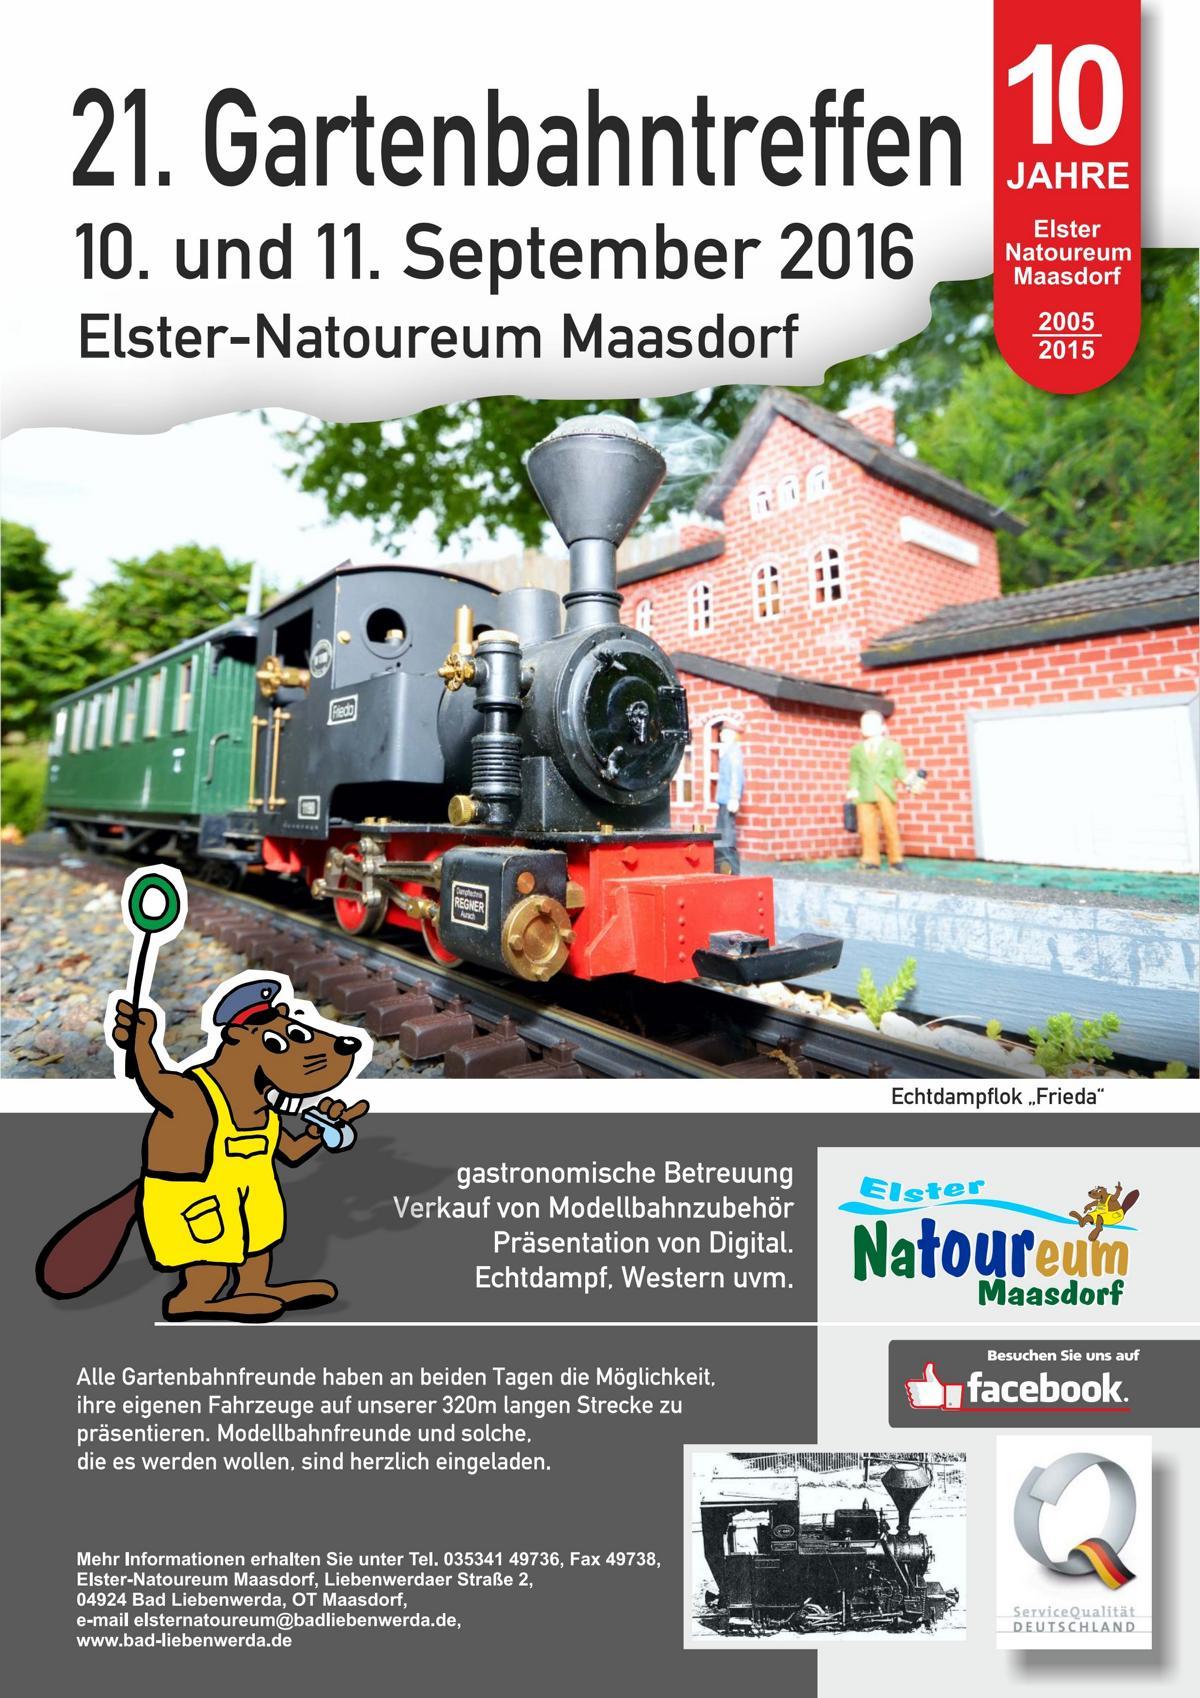 Plakat 21. Gartenbahntreffen, Maasdorf 2016